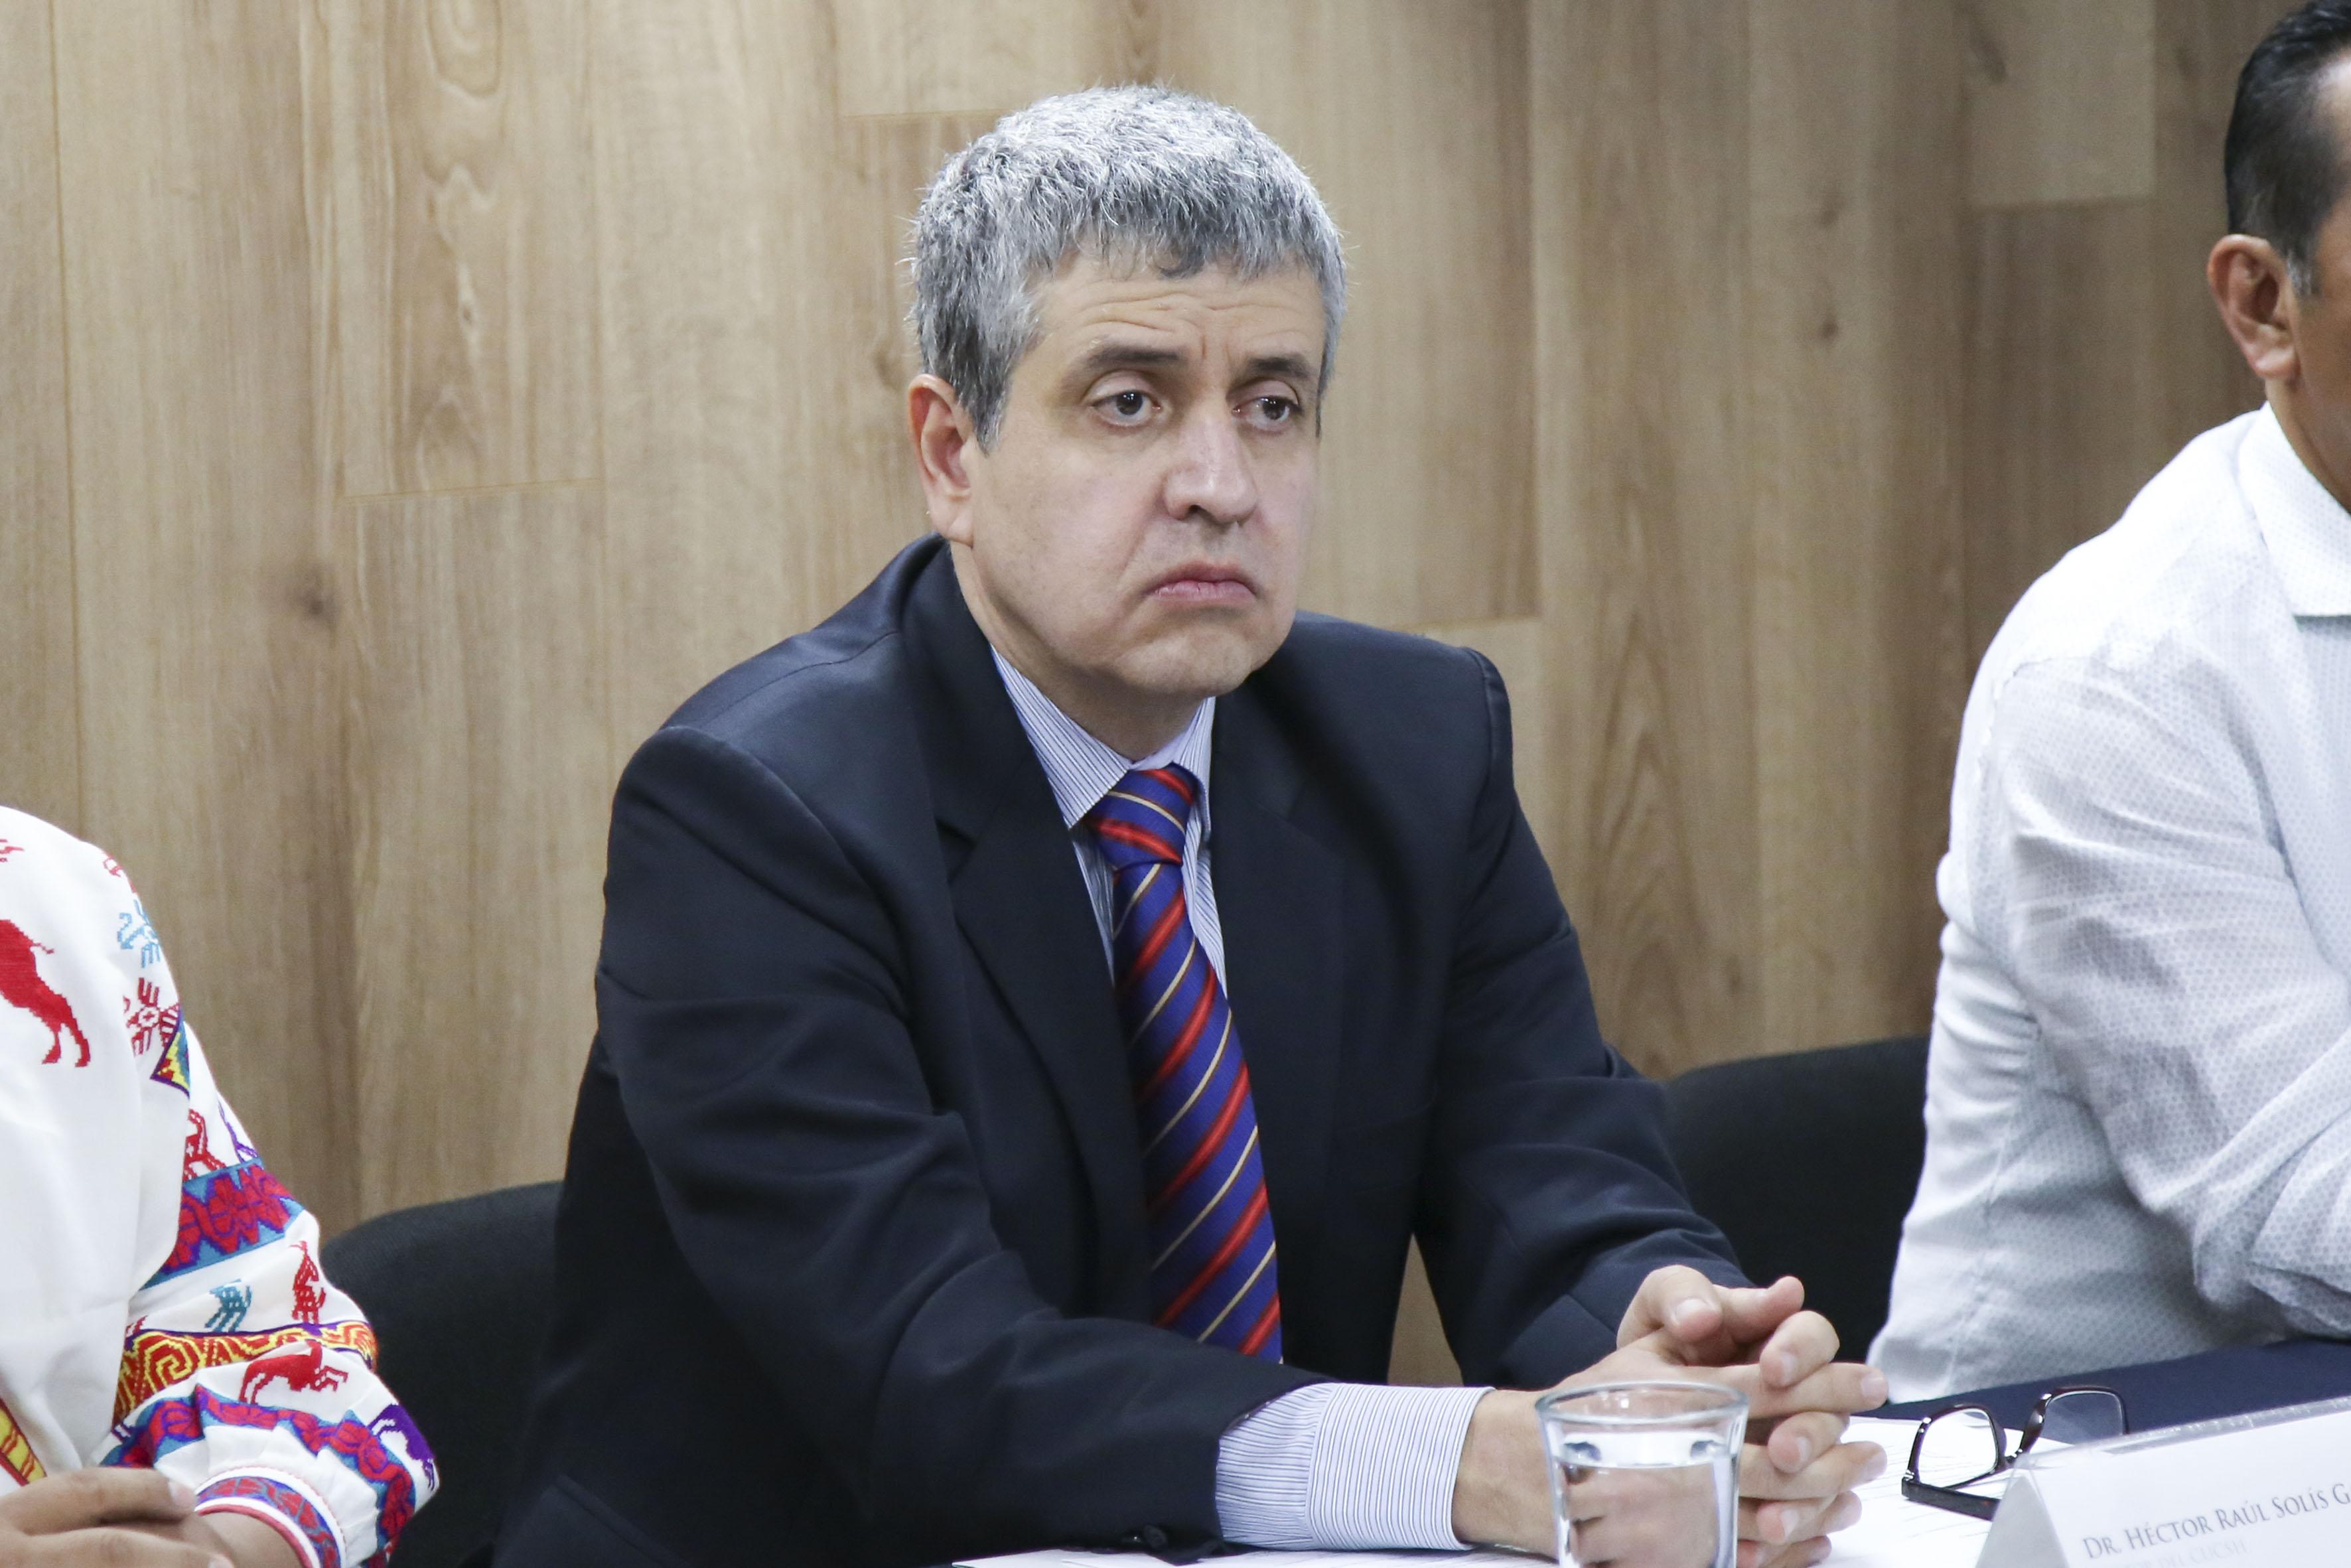 Rector del Centro Universitario de Ciencias Sociales y Humanidades (CUCSH), doctor Héctor Raúl Solís Gadea participando en rueda de prensa